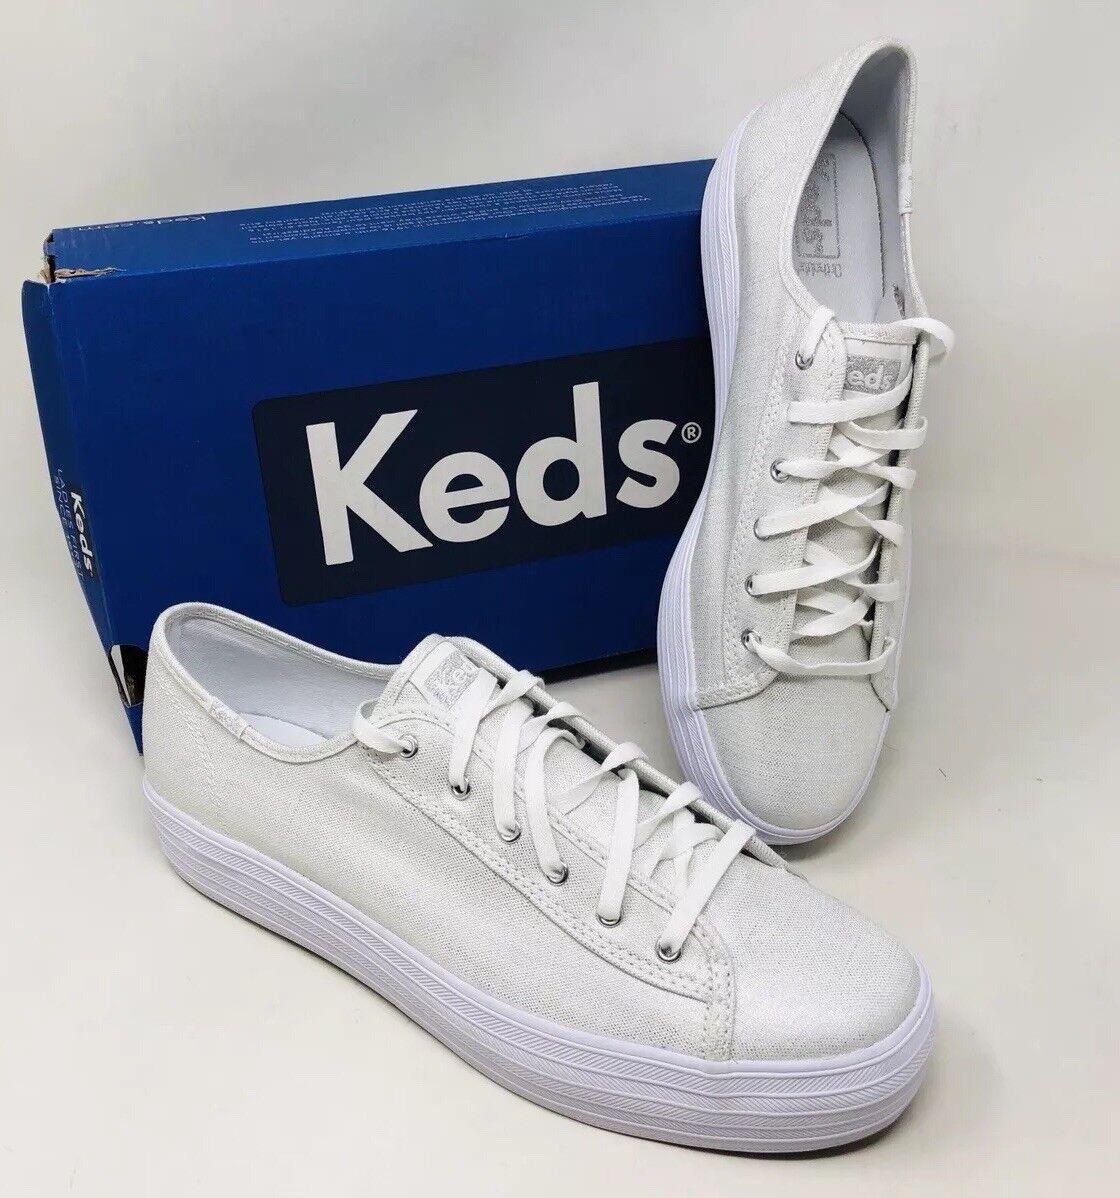 Keds Women's Triple Kick Metallic Lace Up Sneaker Size 9.5 Silver MSRP  75